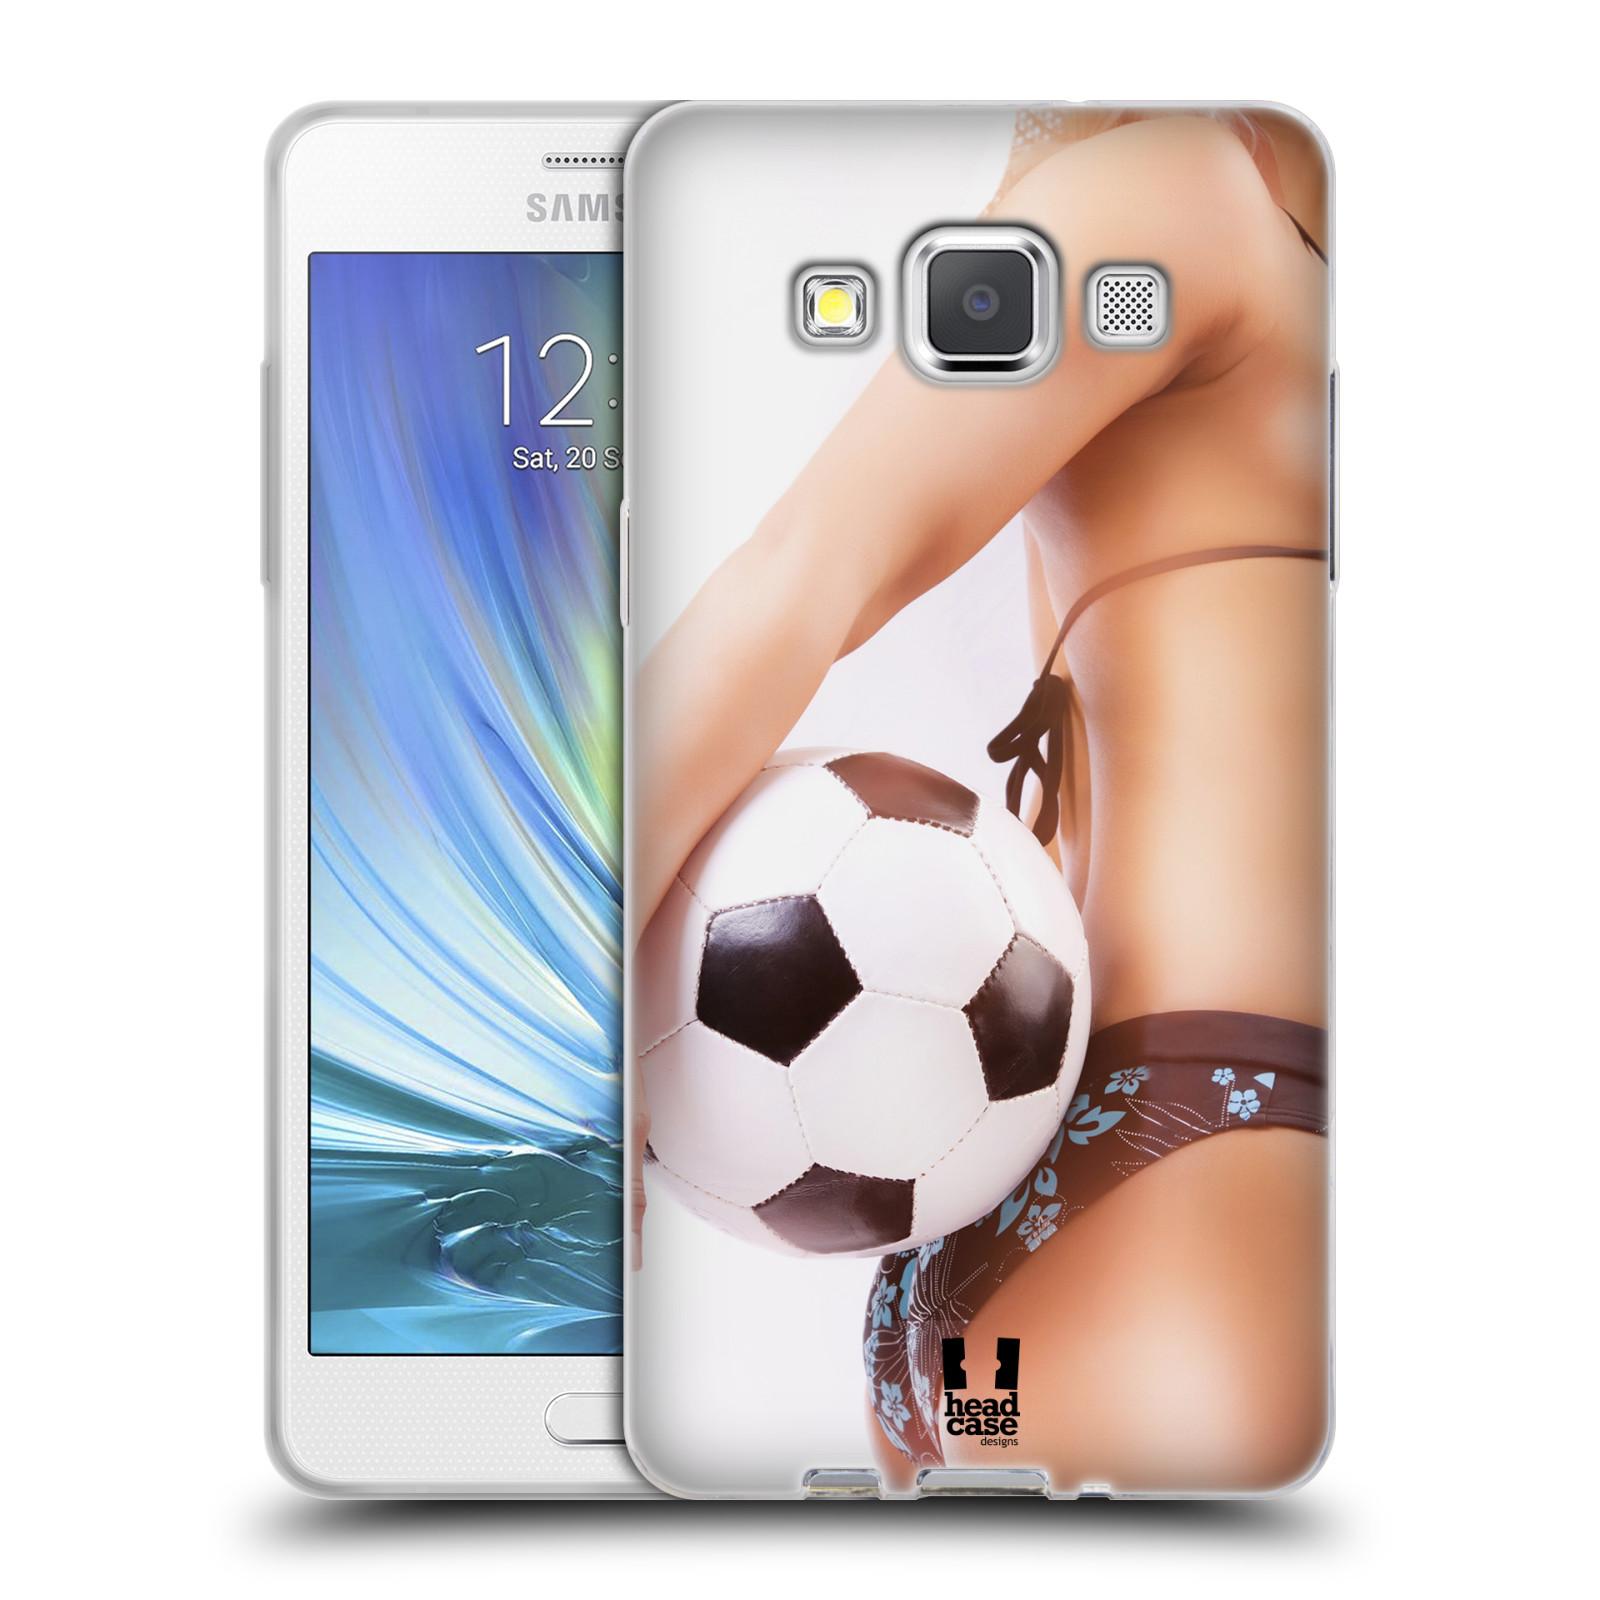 HEAD CASE silikonový obal na mobil Samsung Galaxy A5 vzor Fotbalové modelky KOPACÍ MÍČ